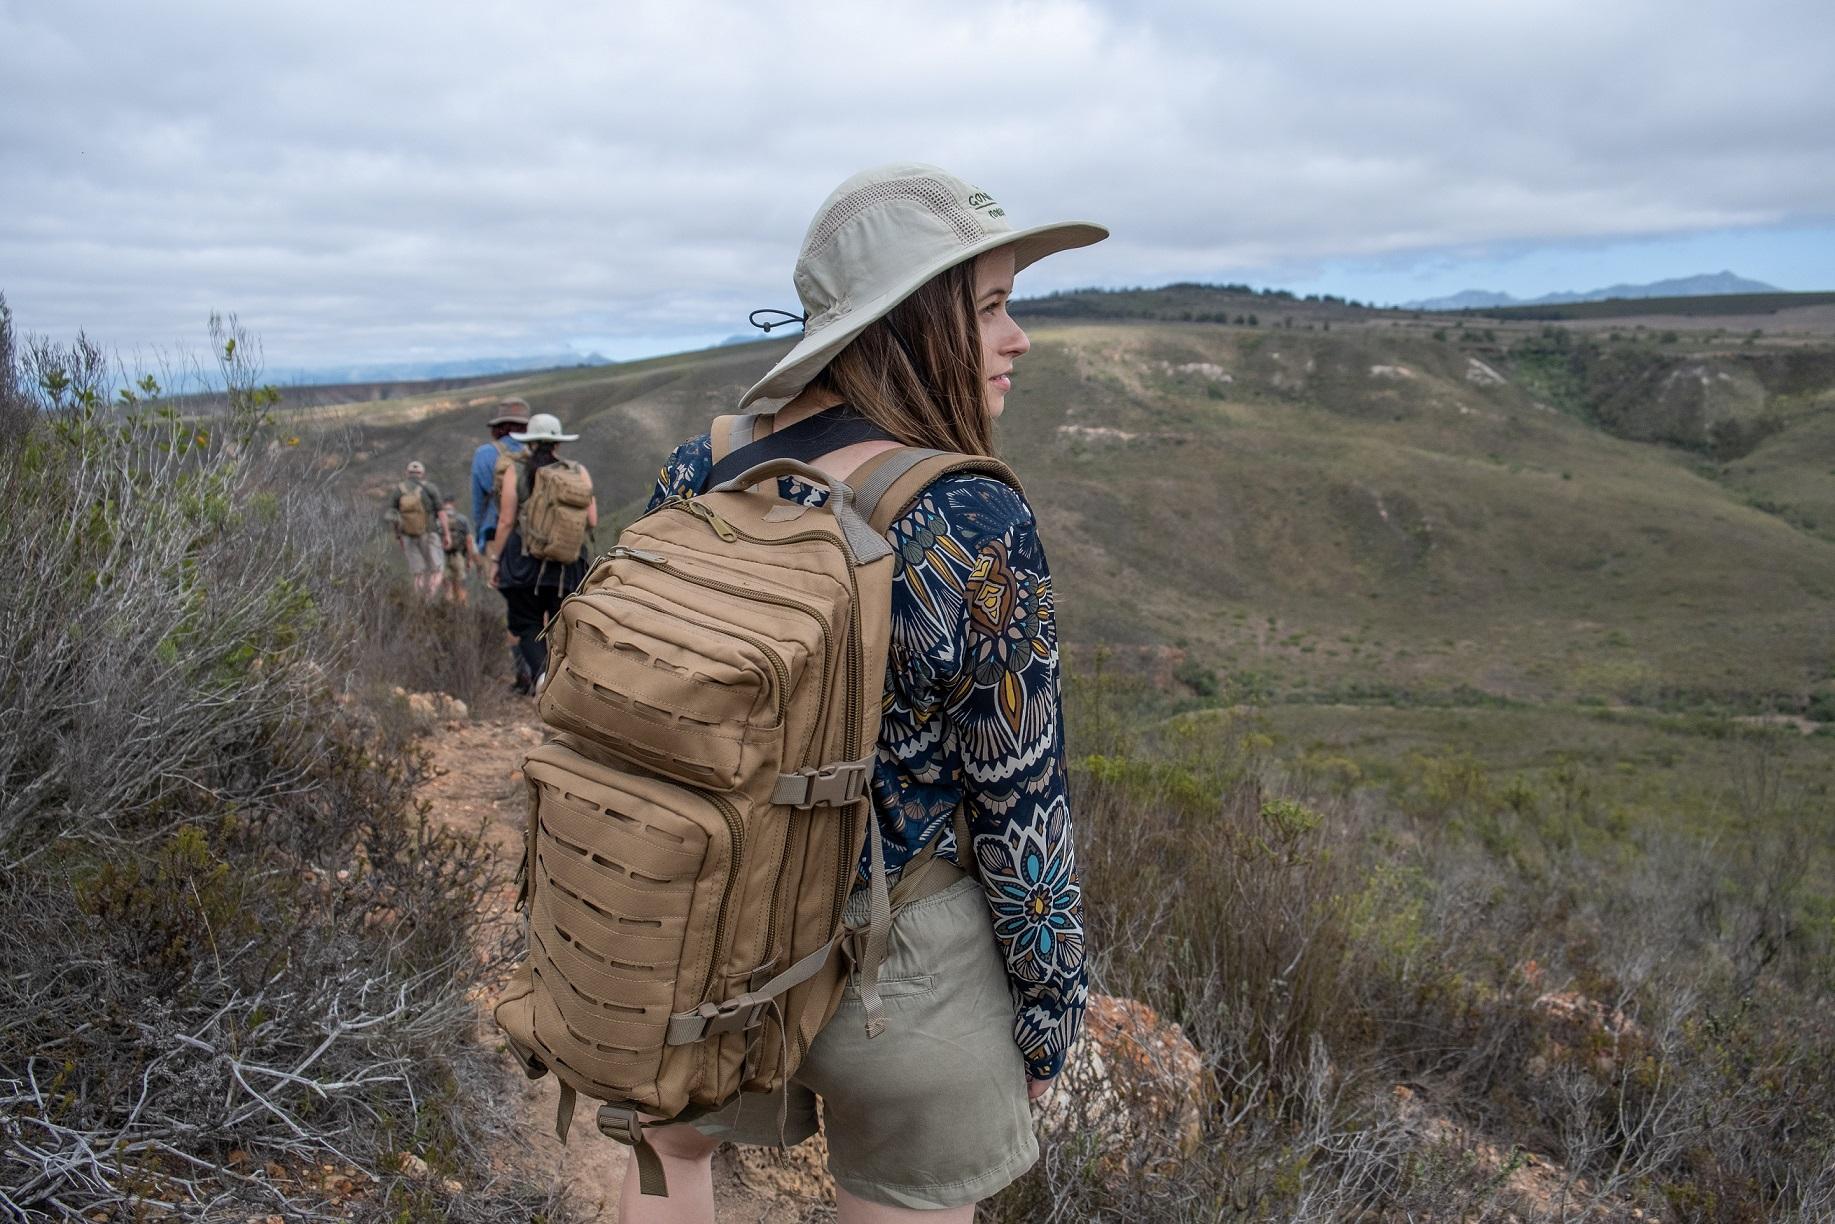 Mujer en un safari a pie en la reserva de caza de Gondwana